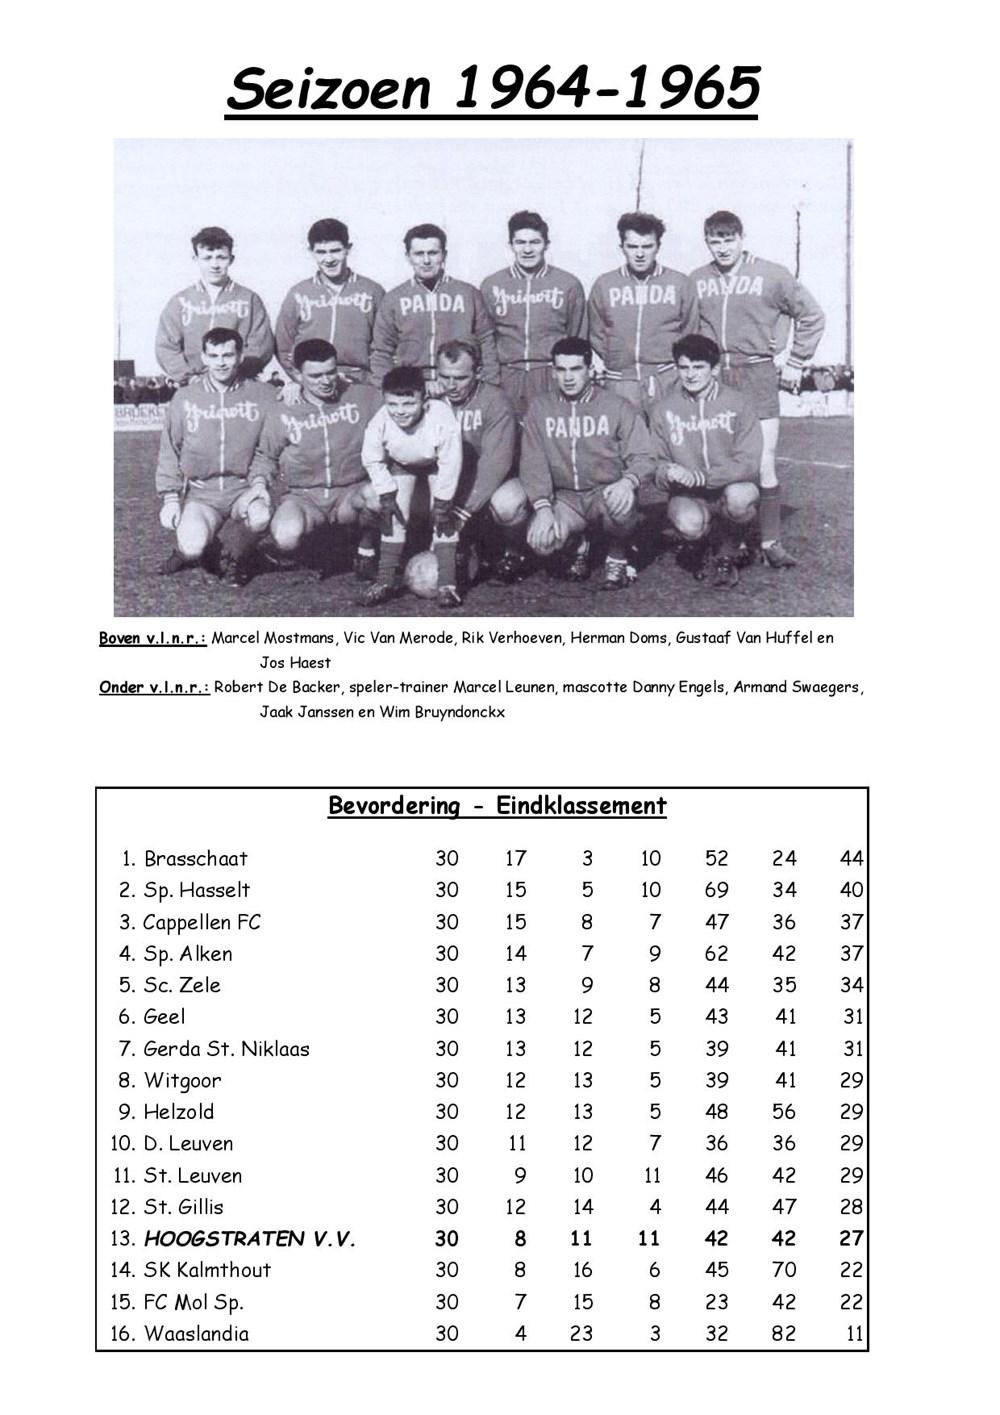 seizoen_1964-1965-page-001.jpg